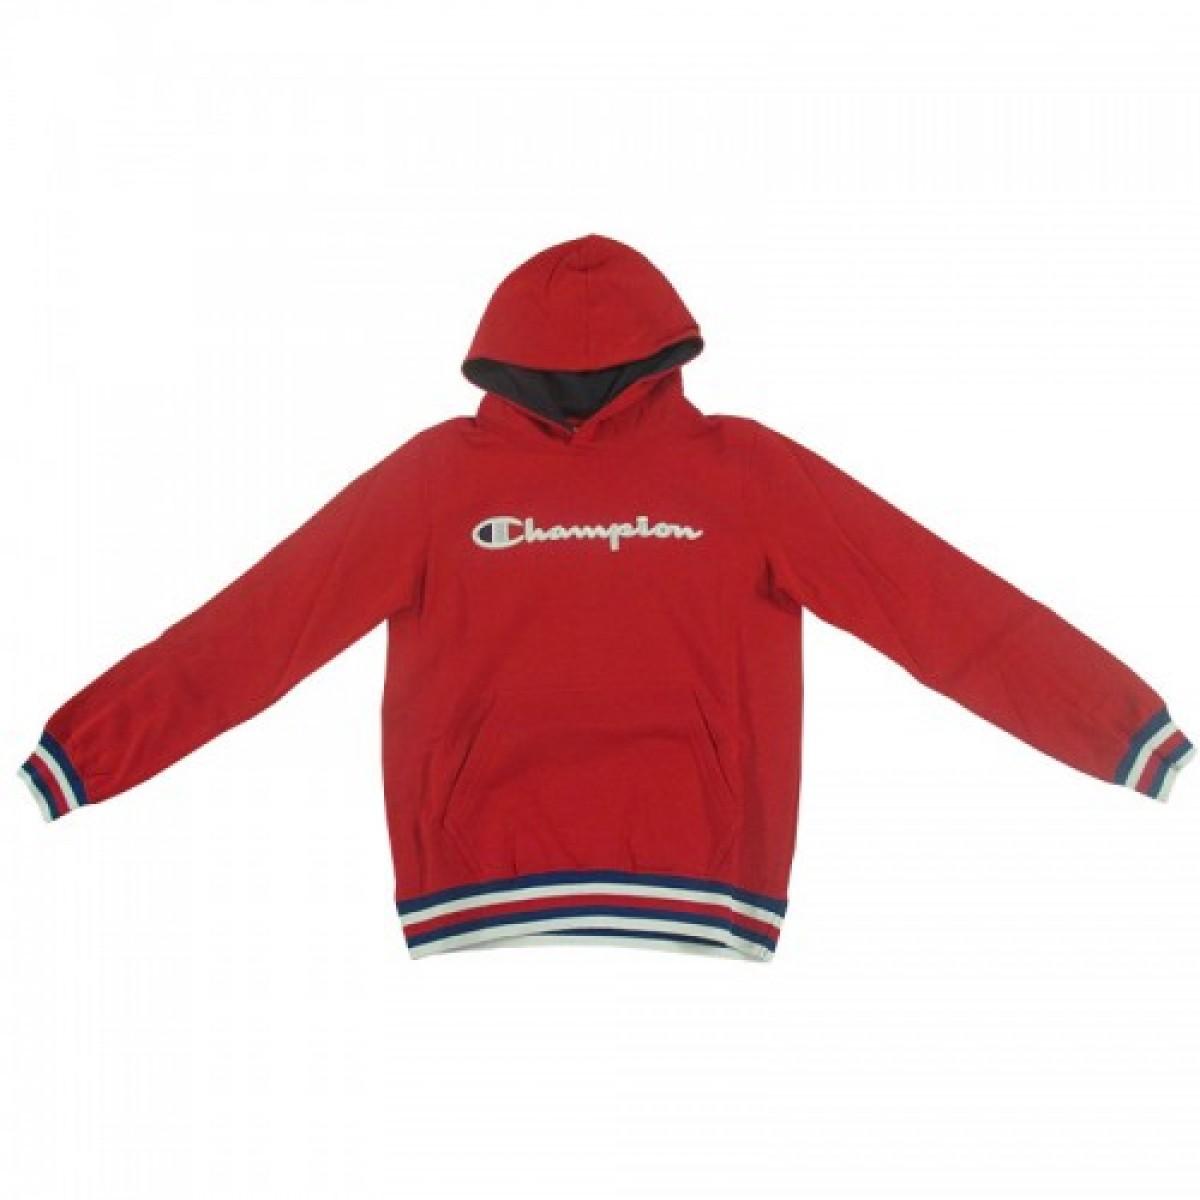 55899bdb344246 Champion felpa con cappuccio bambino - Felpe - Bambino/a ...